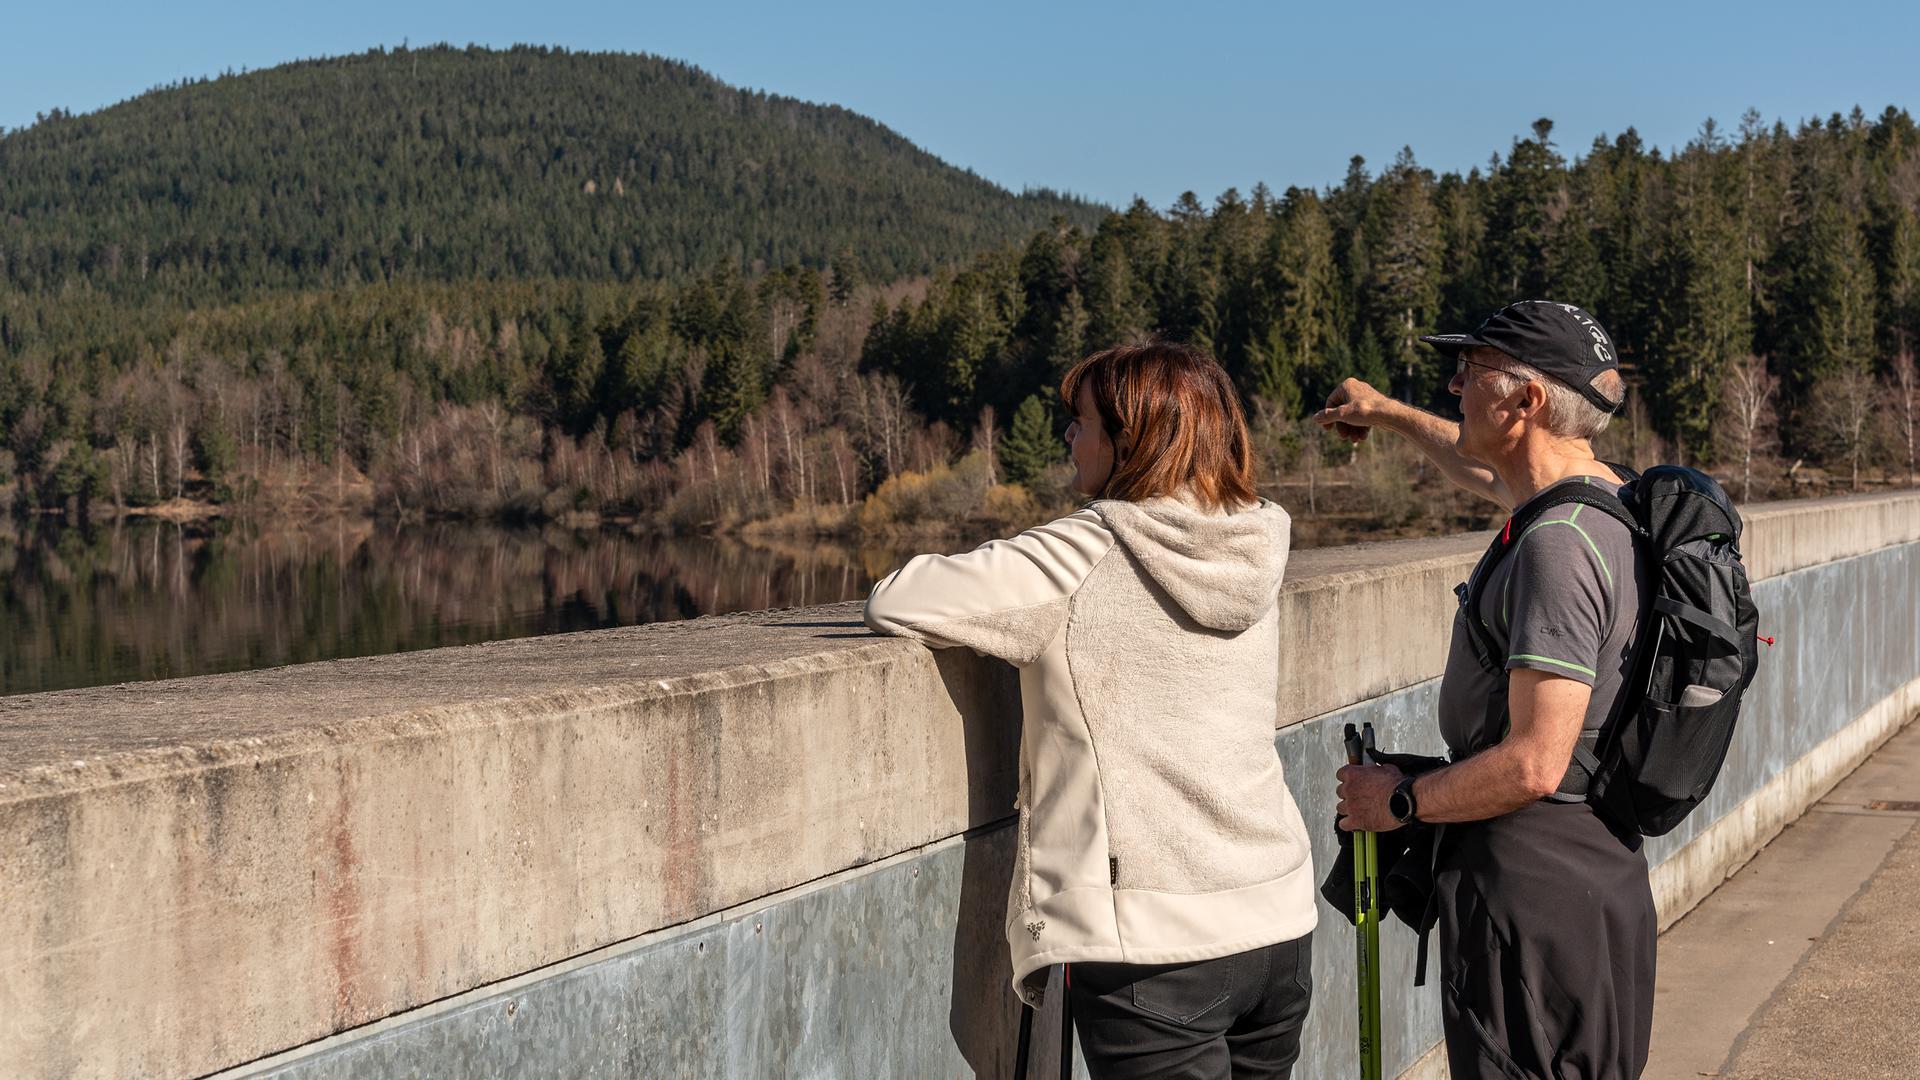 Frühlingsstimmung im Schwarzwald: Die Schwarzenbach-Talsperre und umliegende Wanderwege locken Ausflügler an.